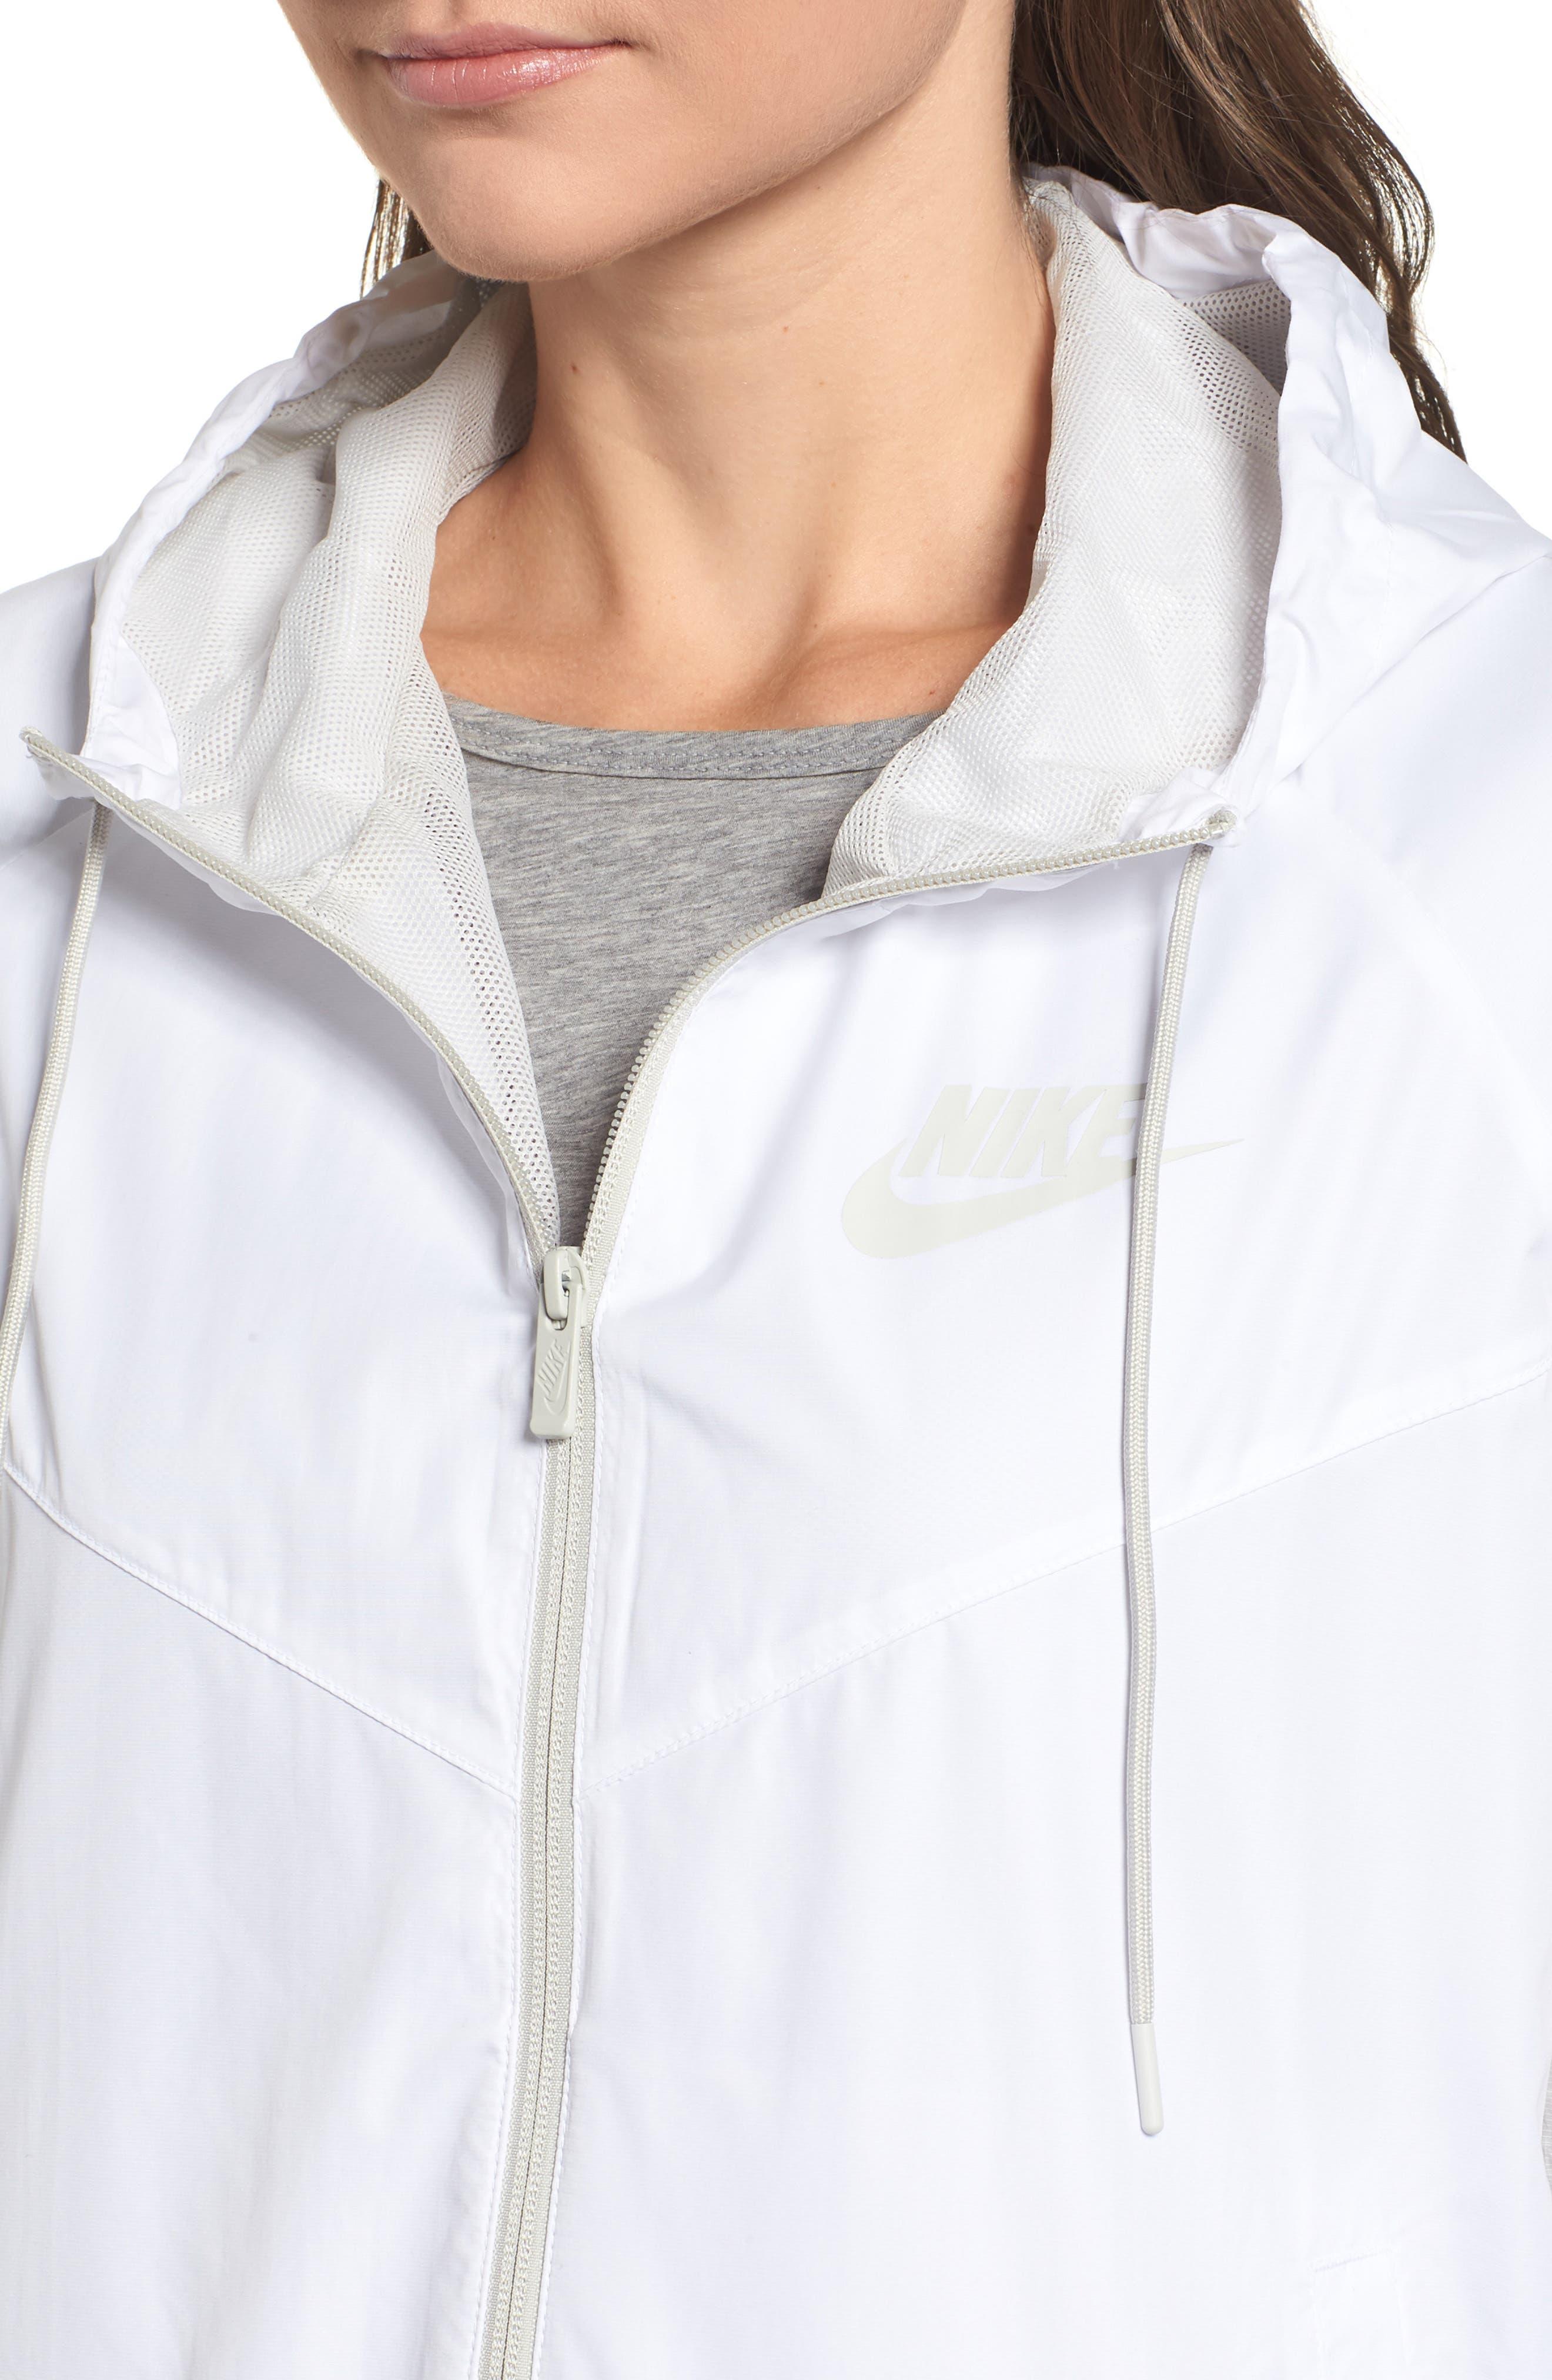 Sportswear Women's Windrunner Water Repellent Jacket,                             Alternate thumbnail 6, color,                             WHITE/ LIGHT BONE/ LIGHT BONE